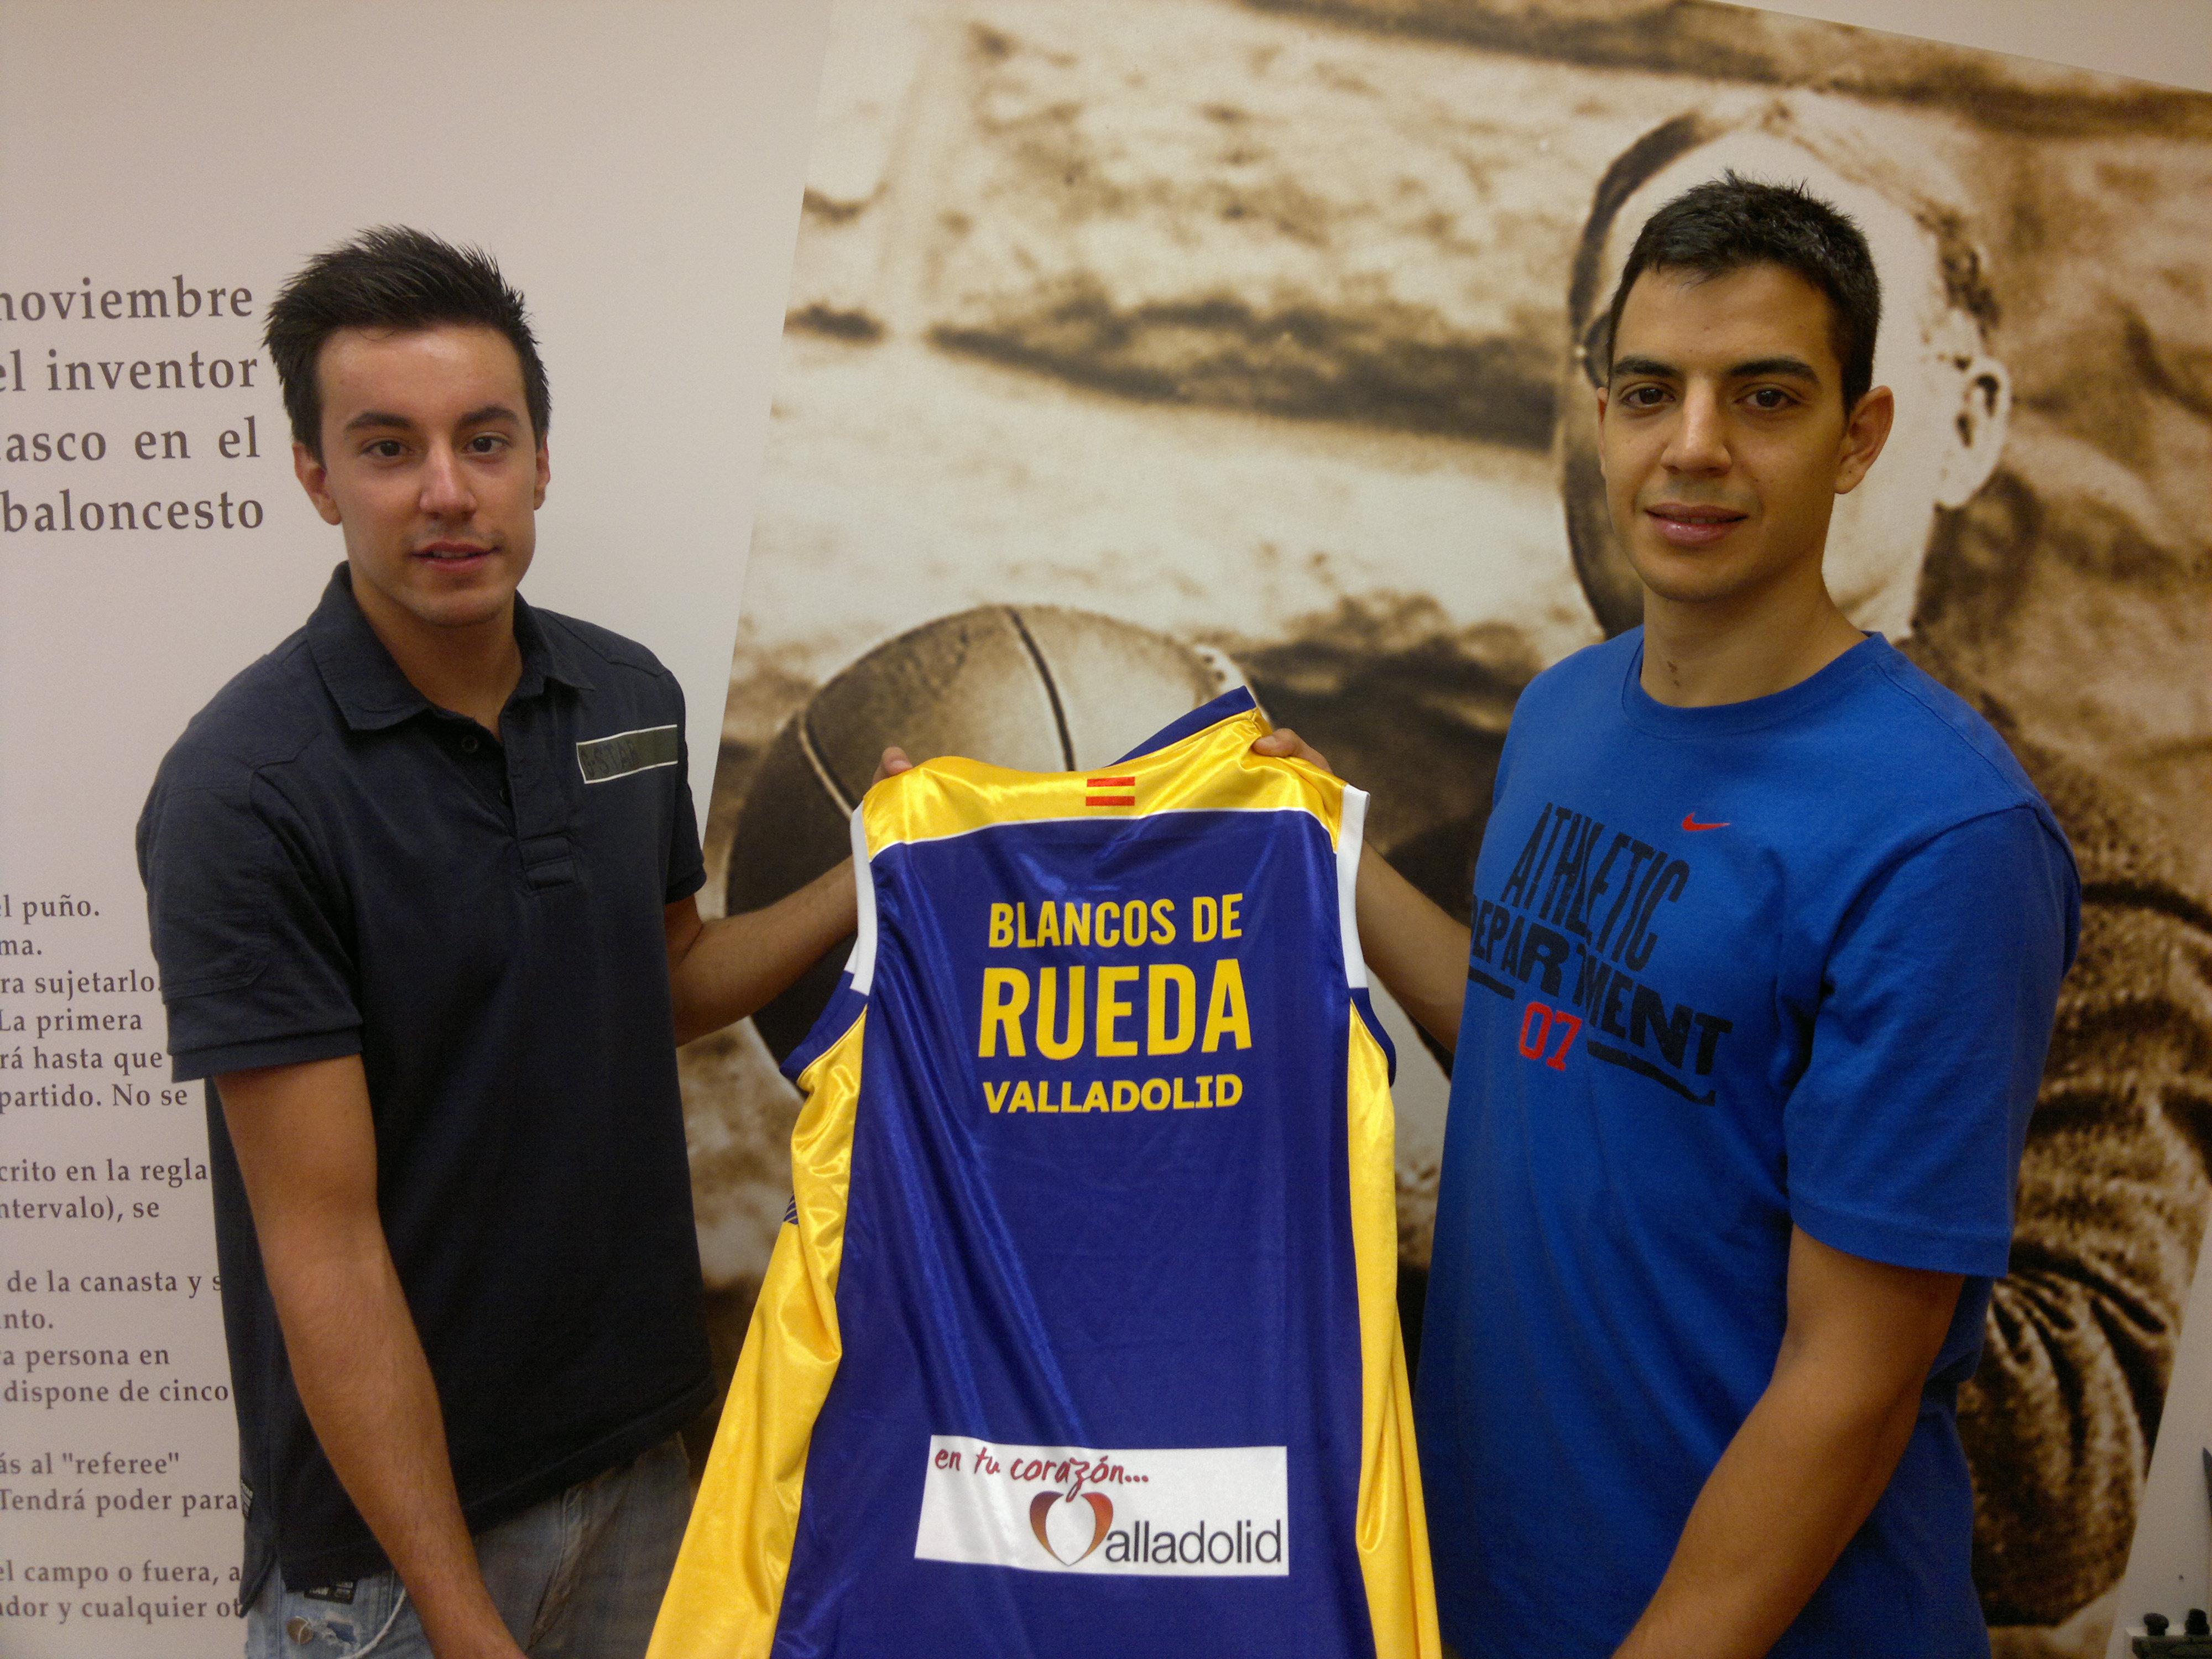 Eduardo Pascual afirma que el Blancos de Rueda Valladolid se reforzará con un base y un pívot de referencia